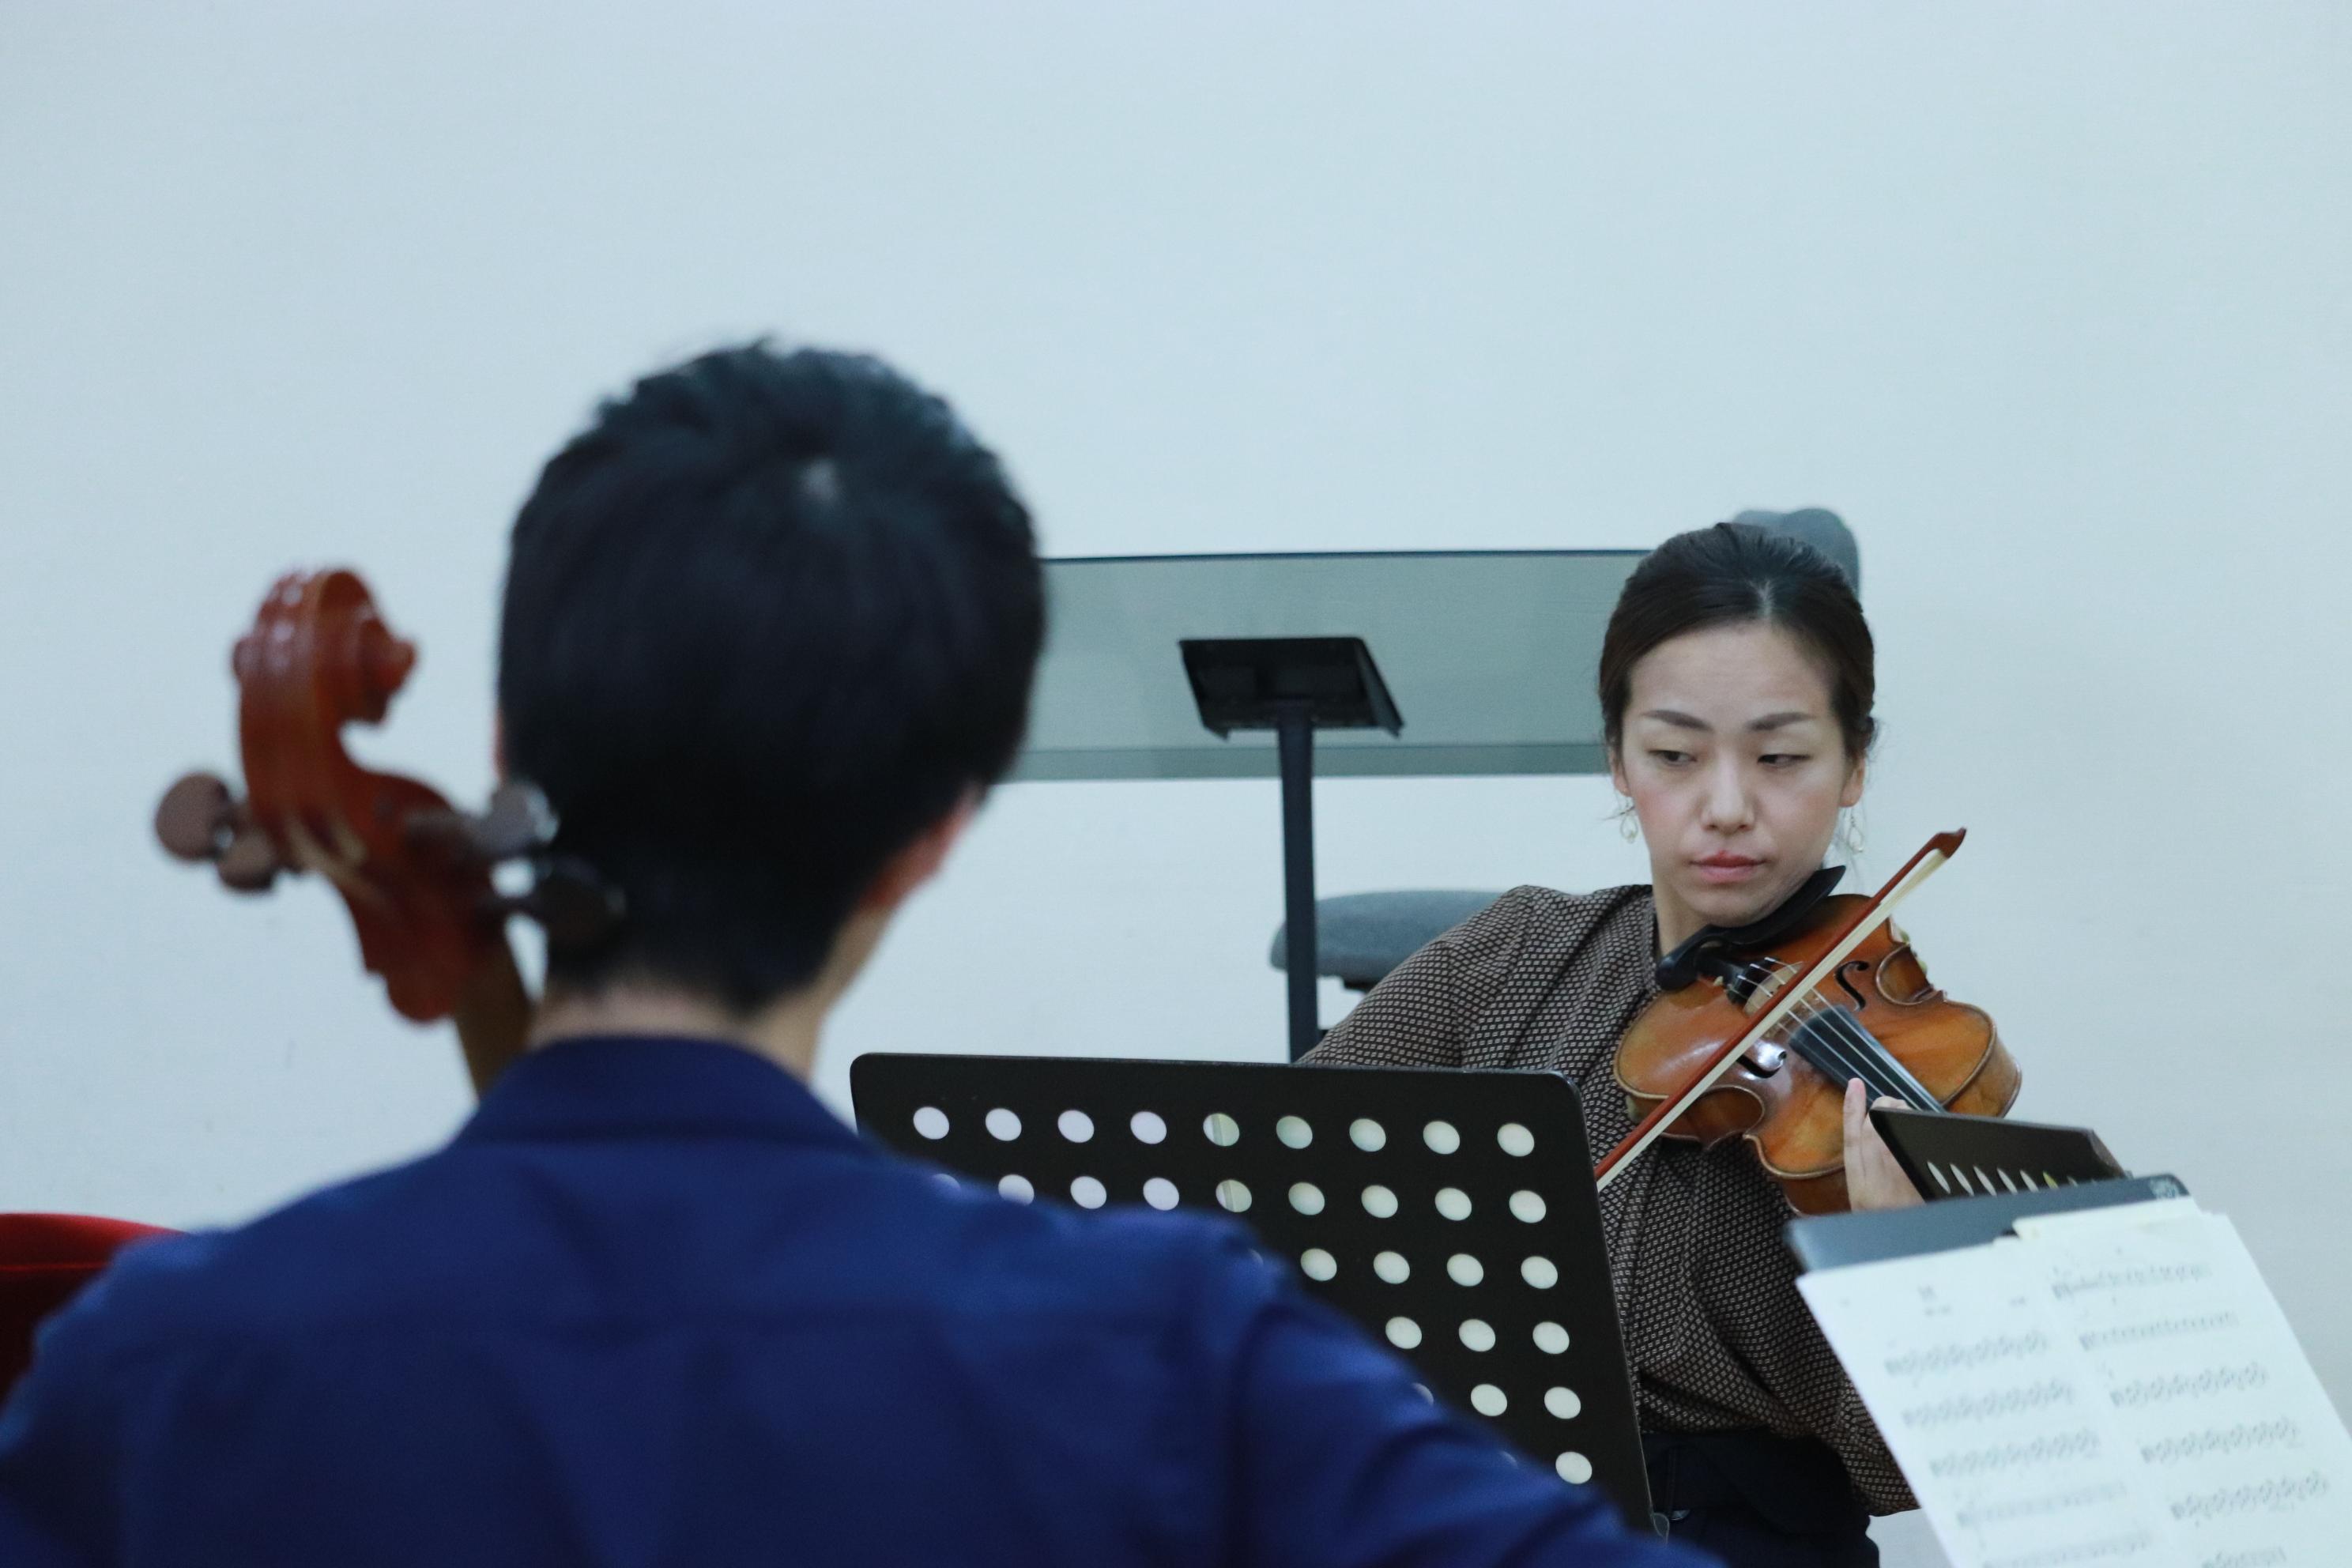 奥には先ほどのヴァイオリン奏者の女性。向かい合う形で、手前にチェロ奏者の男性の後姿。